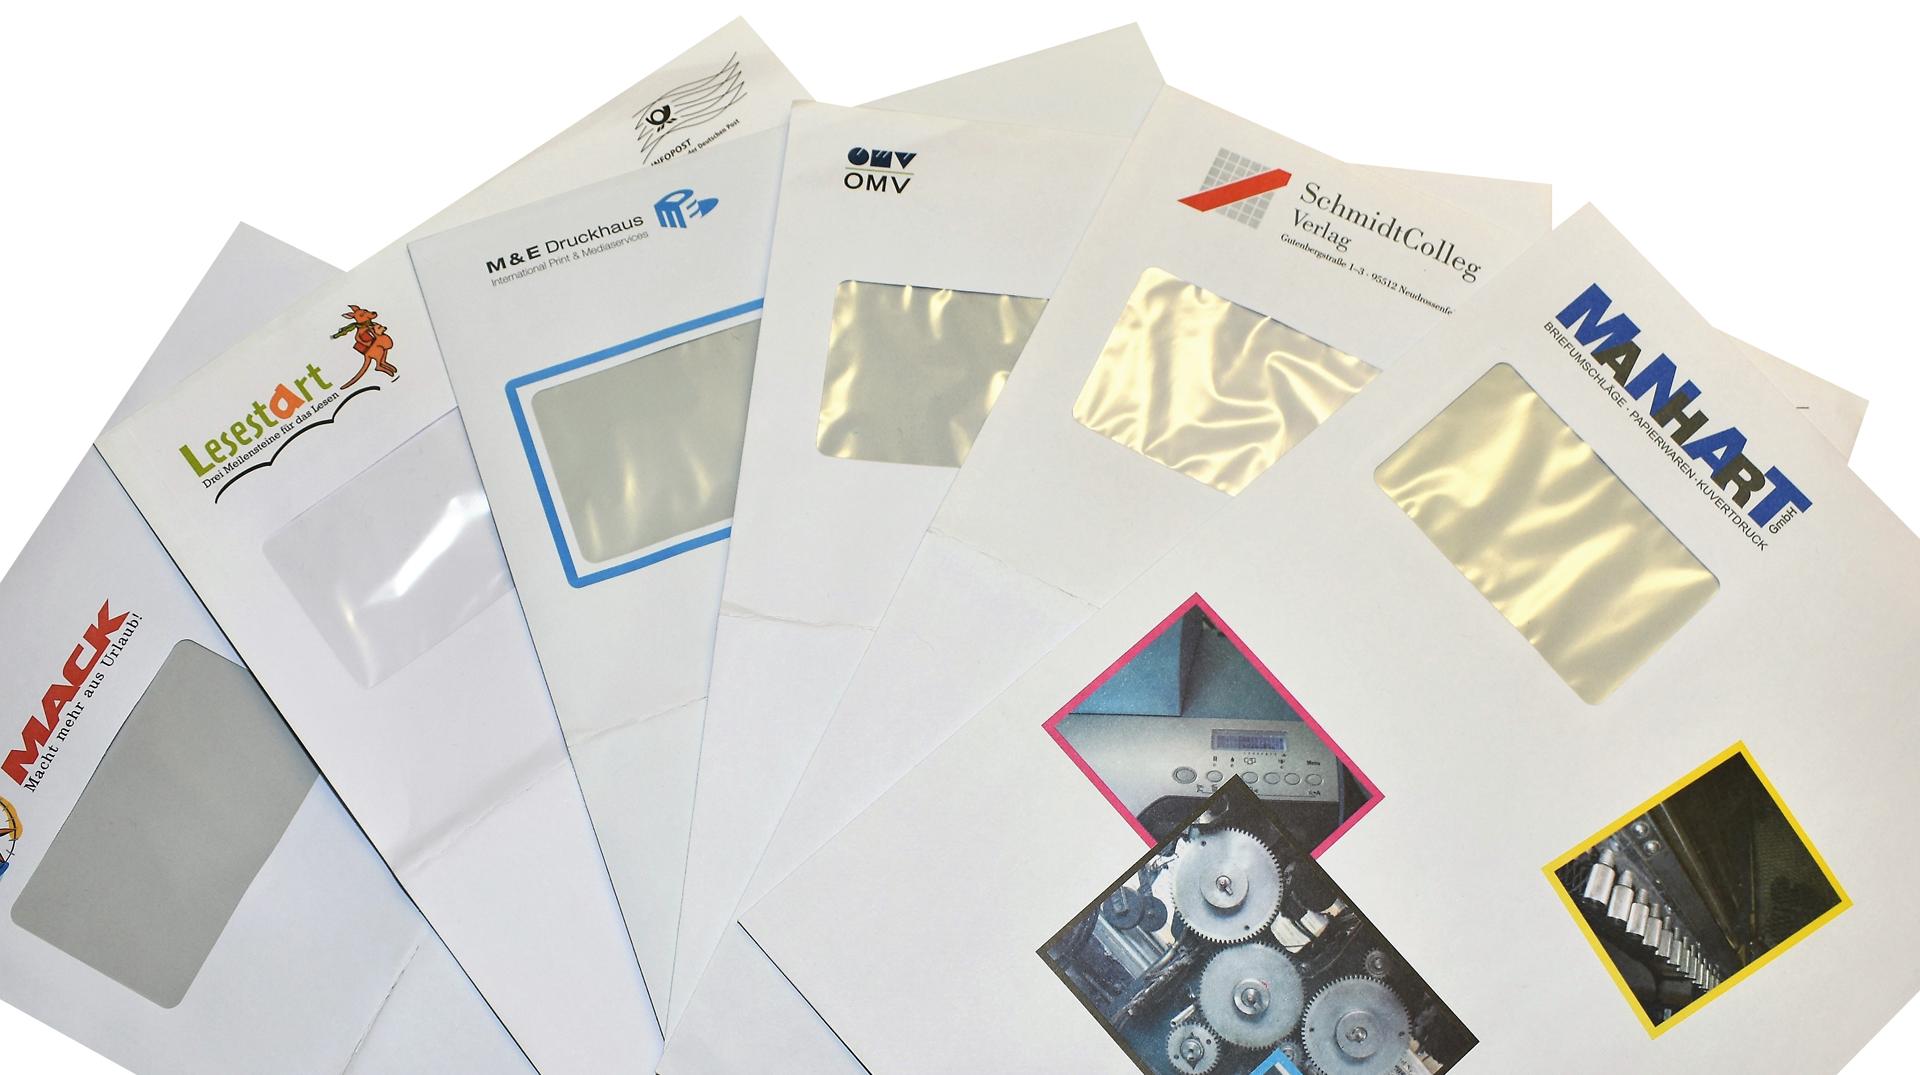 C4 Kuvert Beispielprodukte Manhart Kuvertdruck